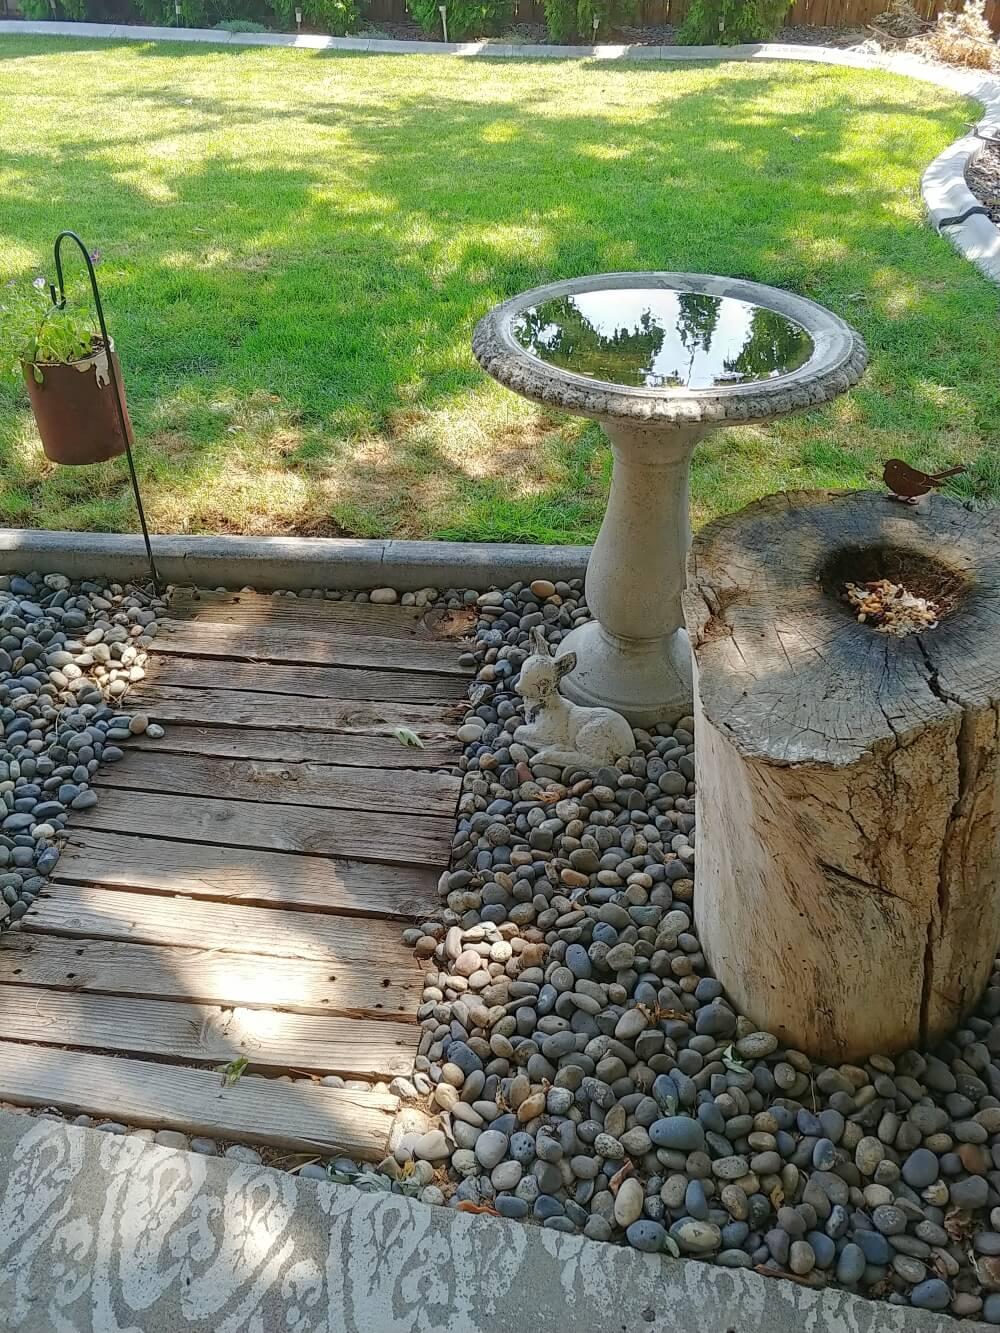 birdbath and bird feeder